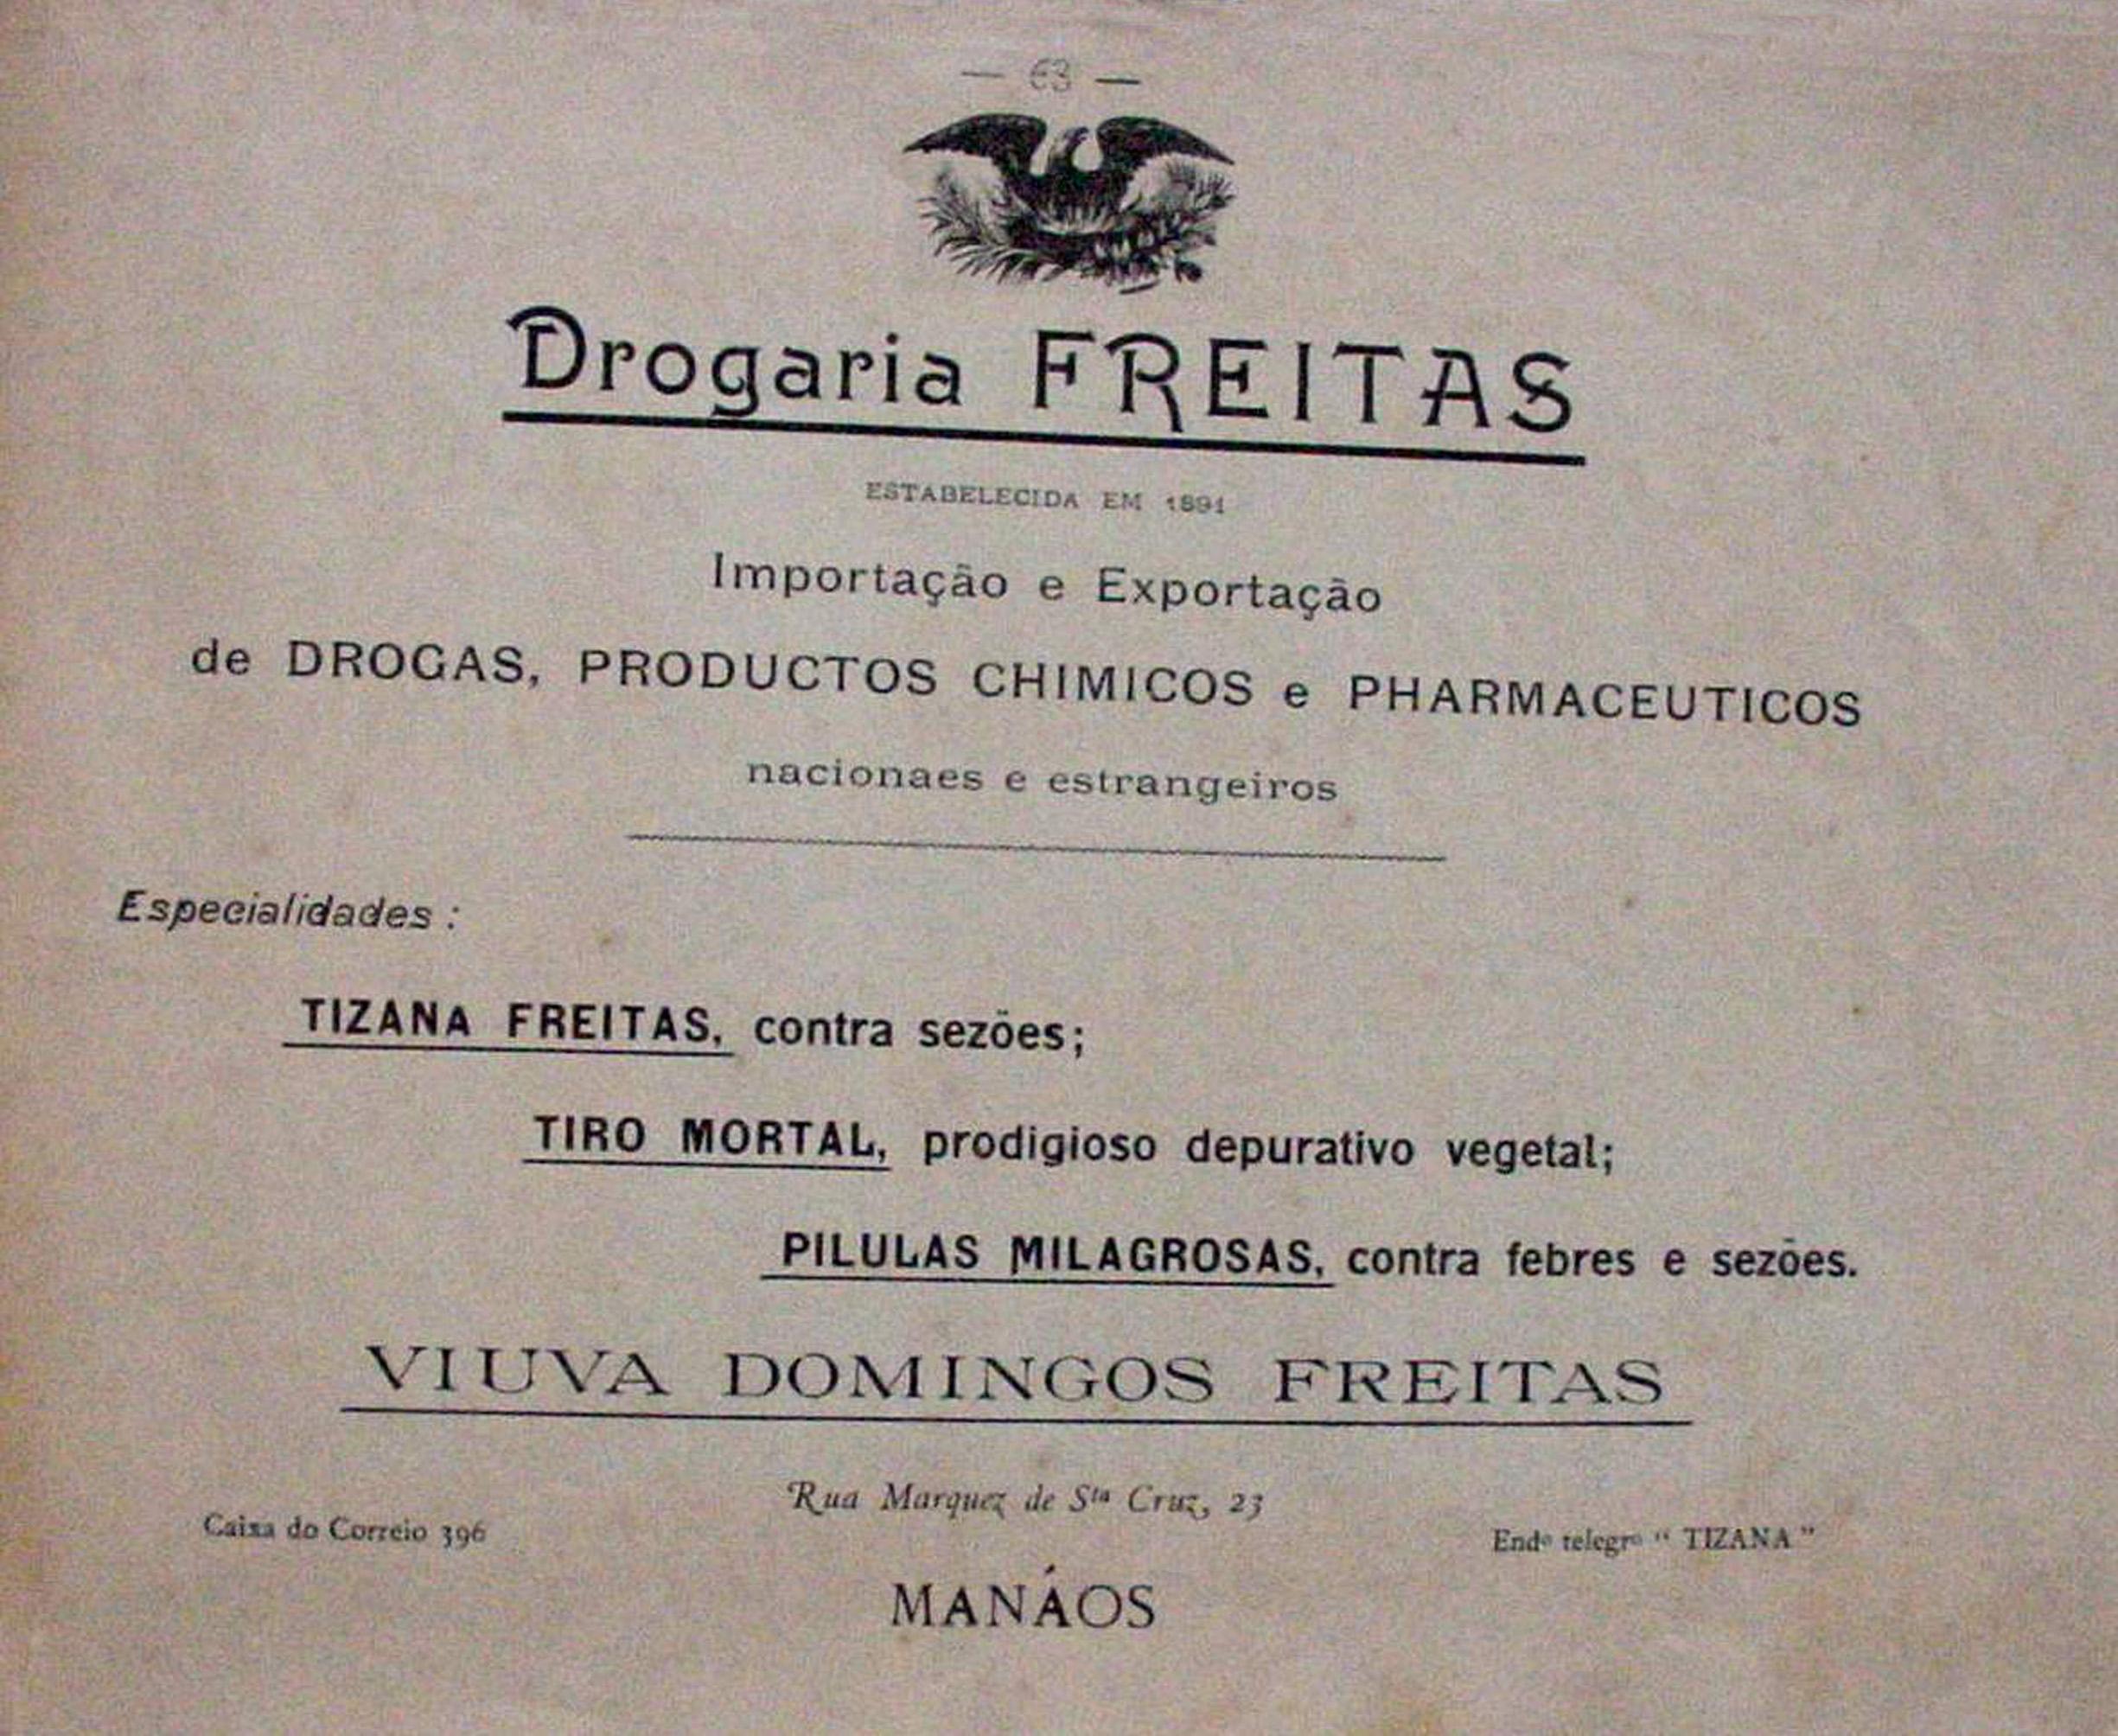 Propaganda da Drogaria Freitas